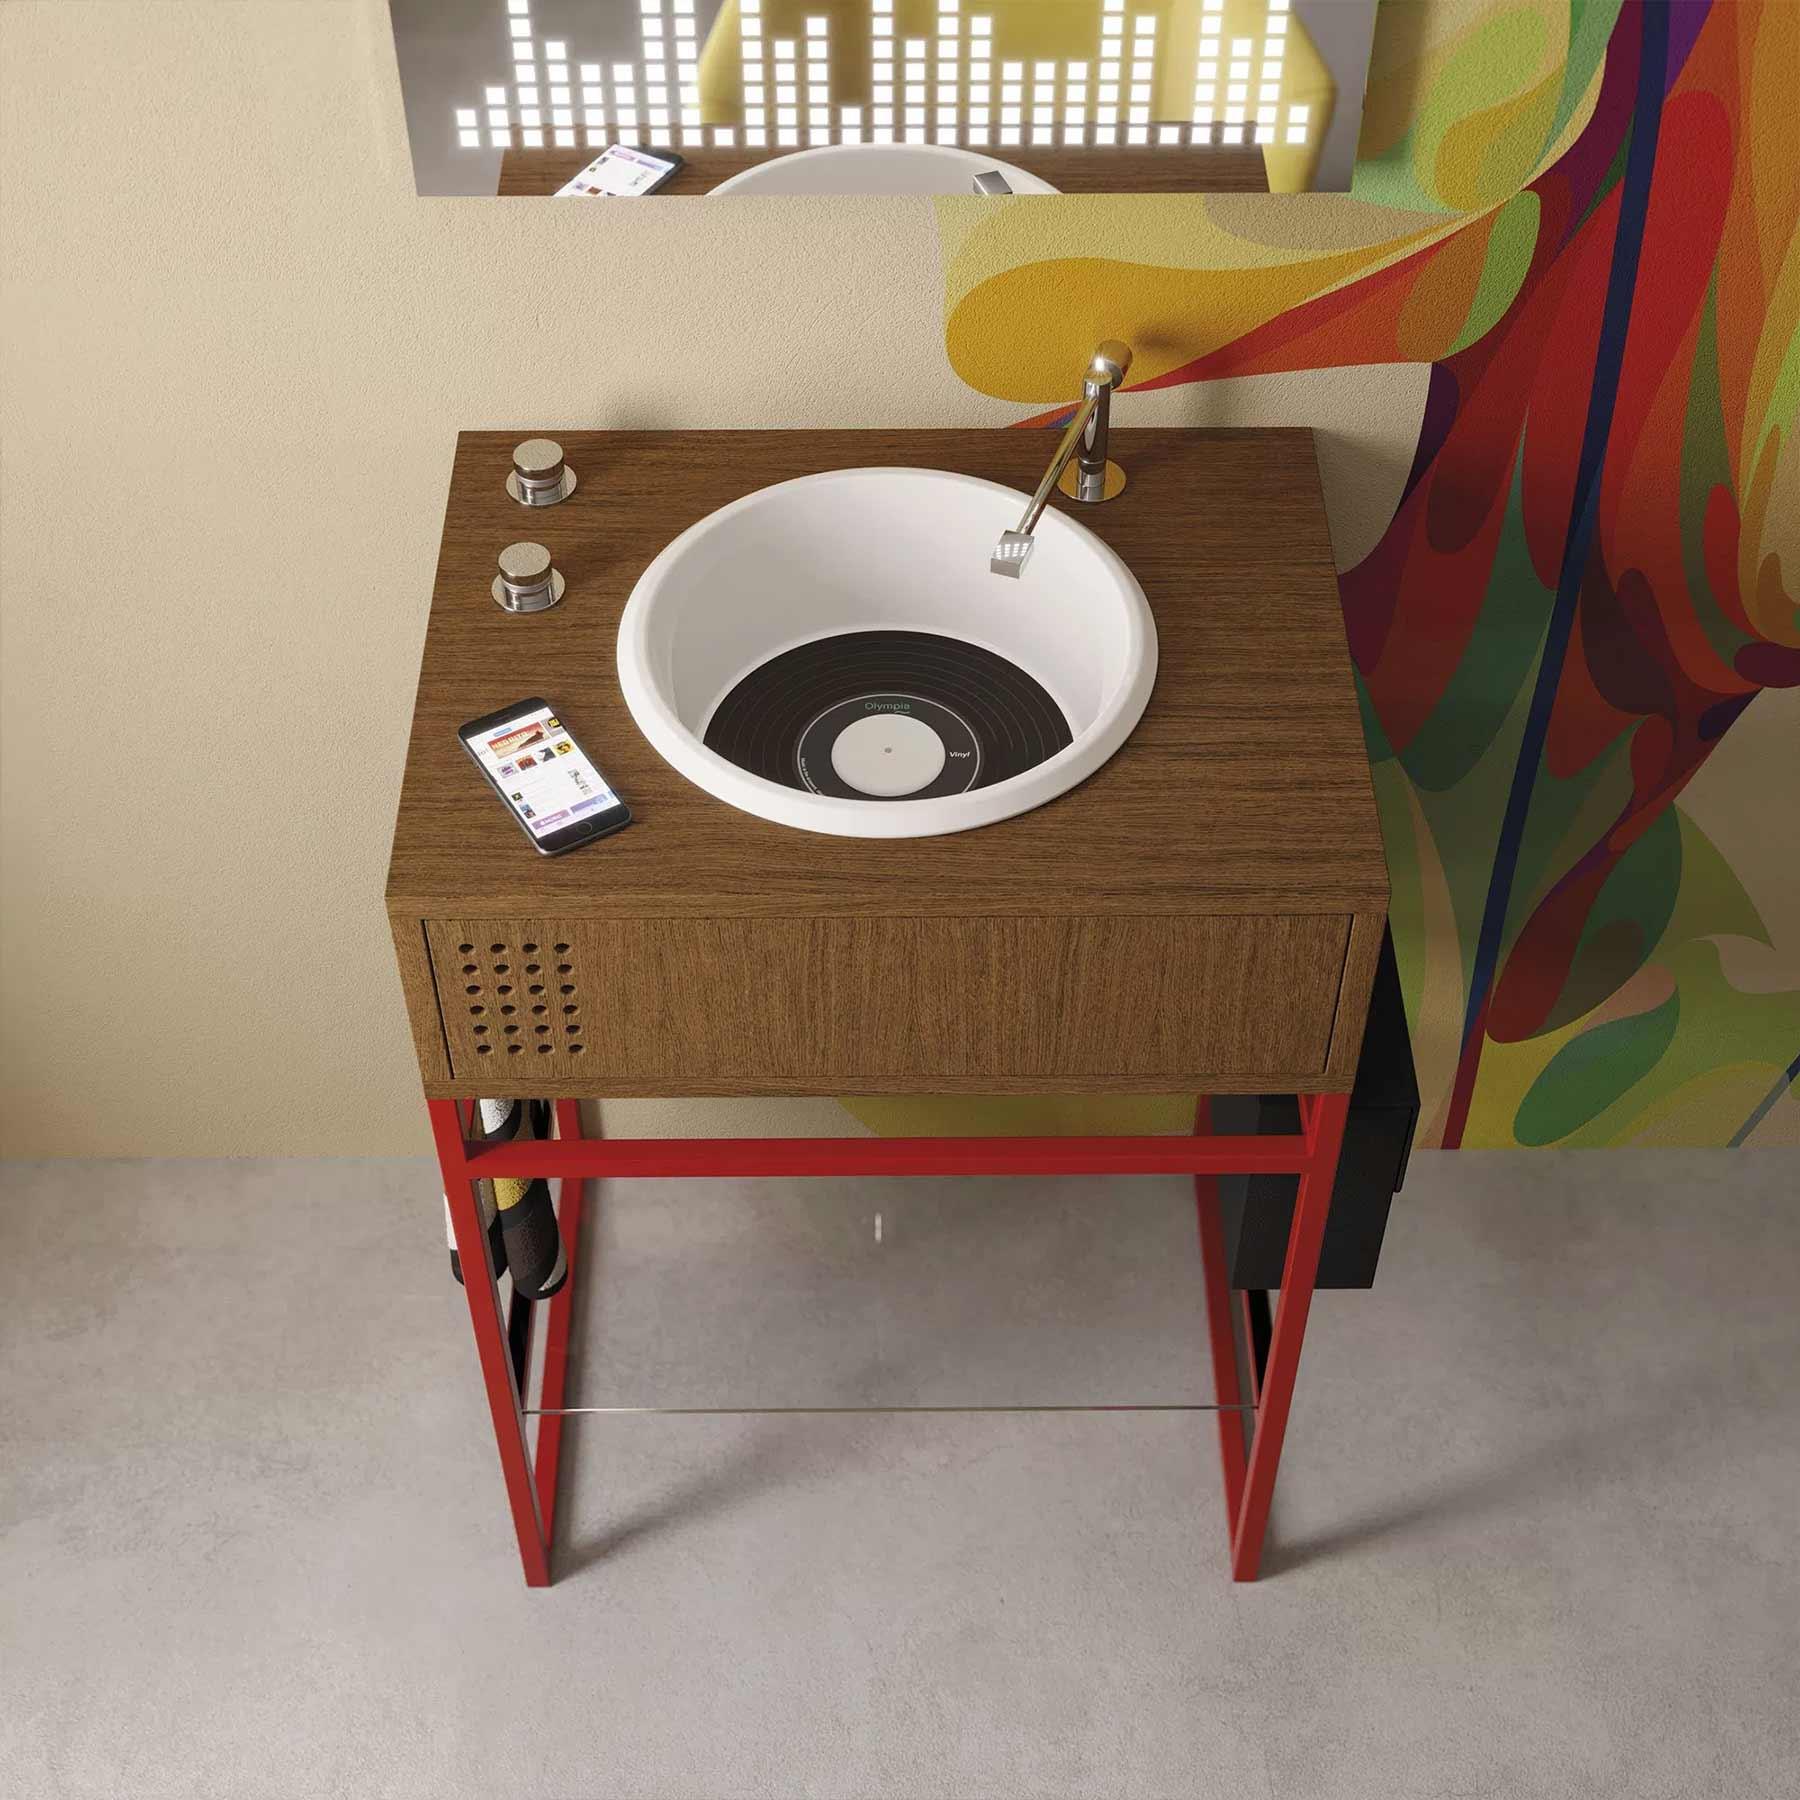 Waschbecken im Plattenspieler-Design Vinyl-waschbecken-Olympia-Ceramica_04